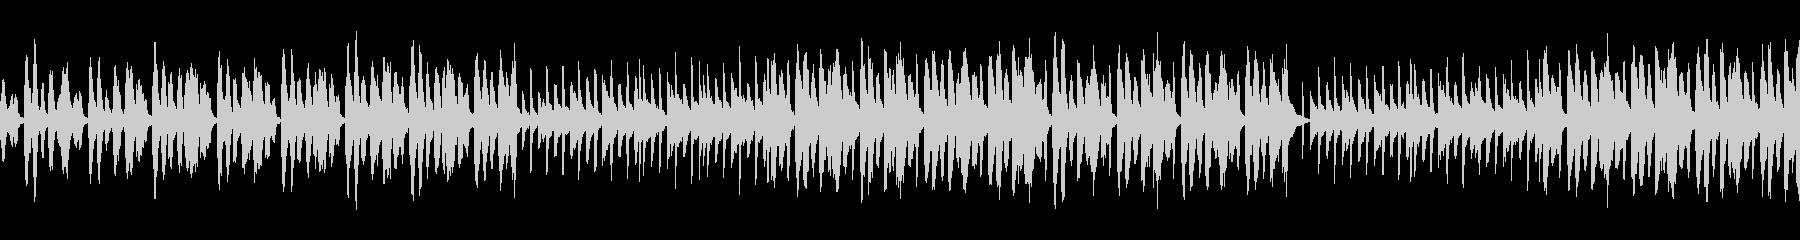 セクシー怪しいシンセBGM1 ループの未再生の波形